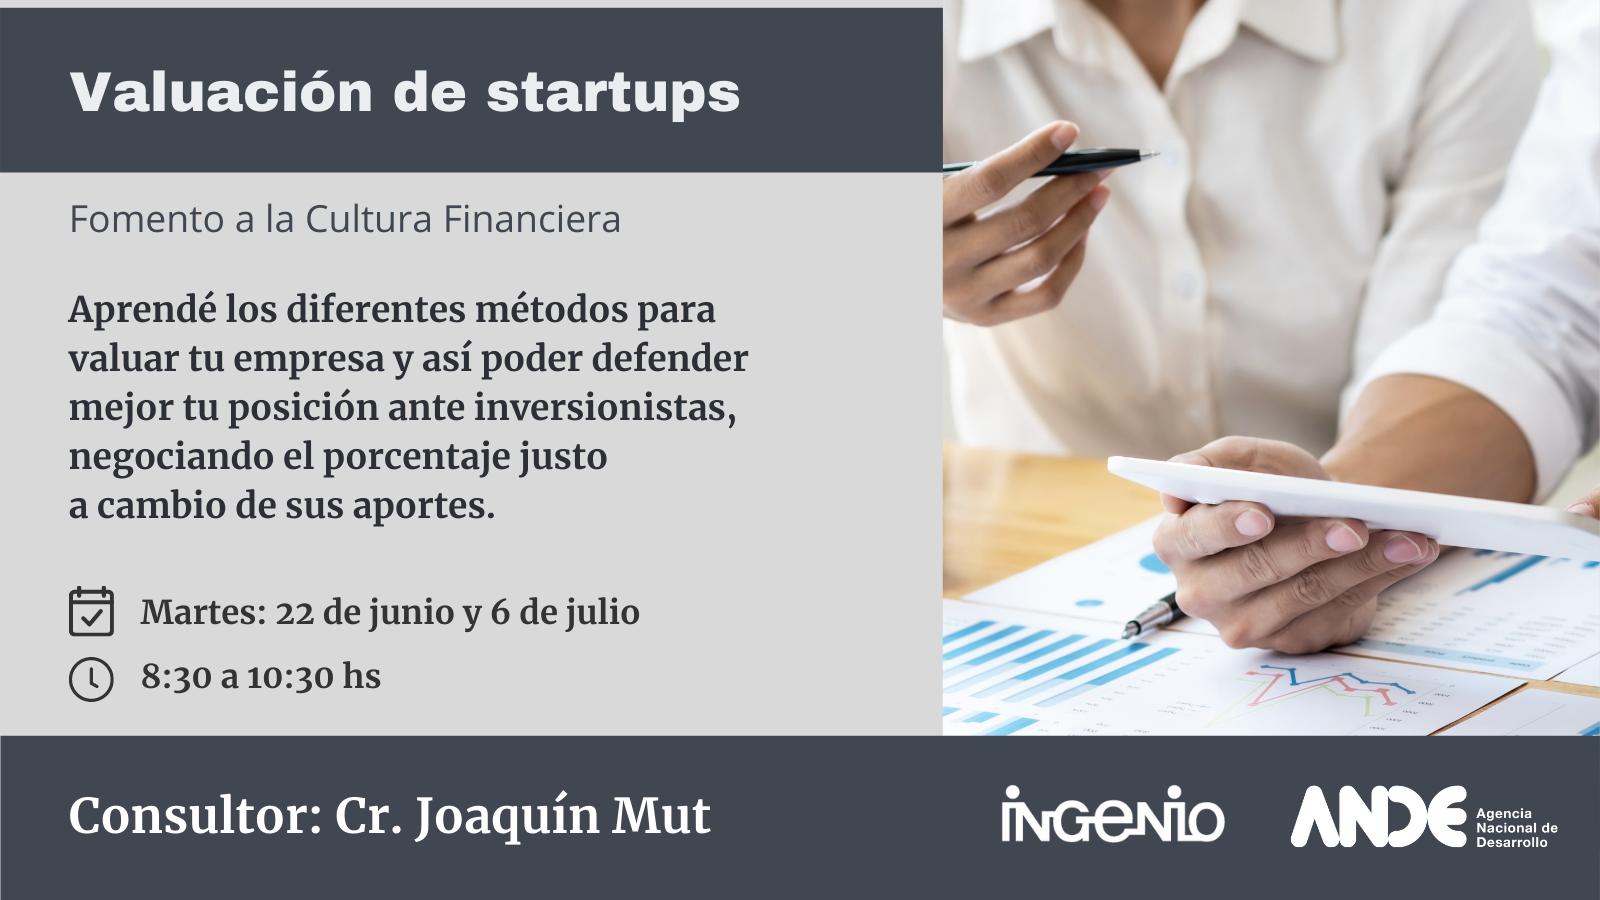 Valuación de startups